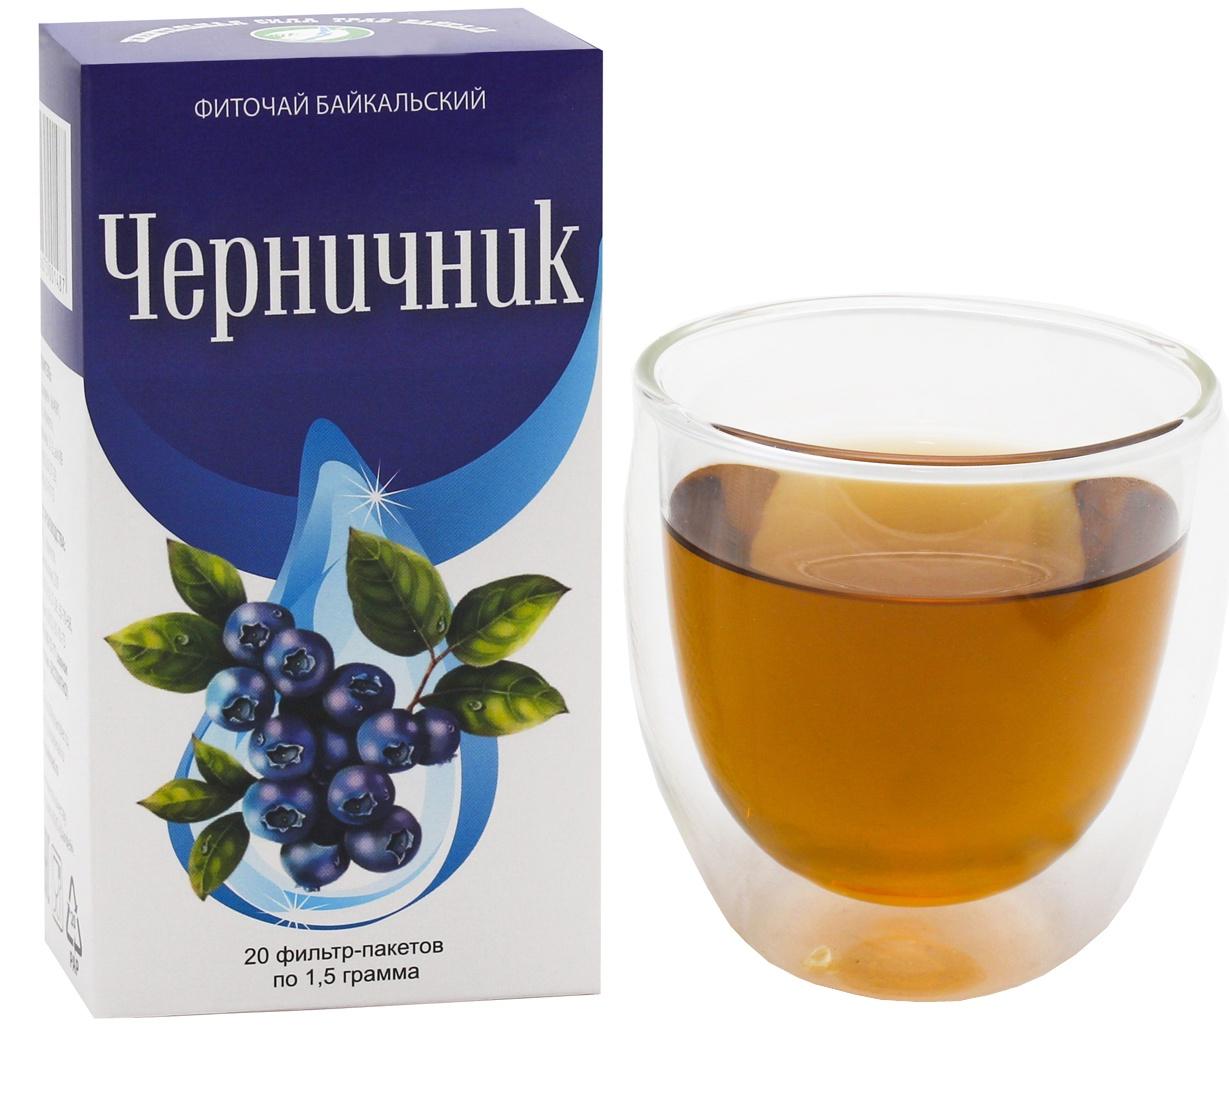 Фото - Чай в пакетиках Фиточаи Байкальские Черничник противовоспалительный, 20 шт по 1.5 г чай в пакетиках фиточаи байкальские женский лечебный с боровой маткой 20 шт по 1 5 г